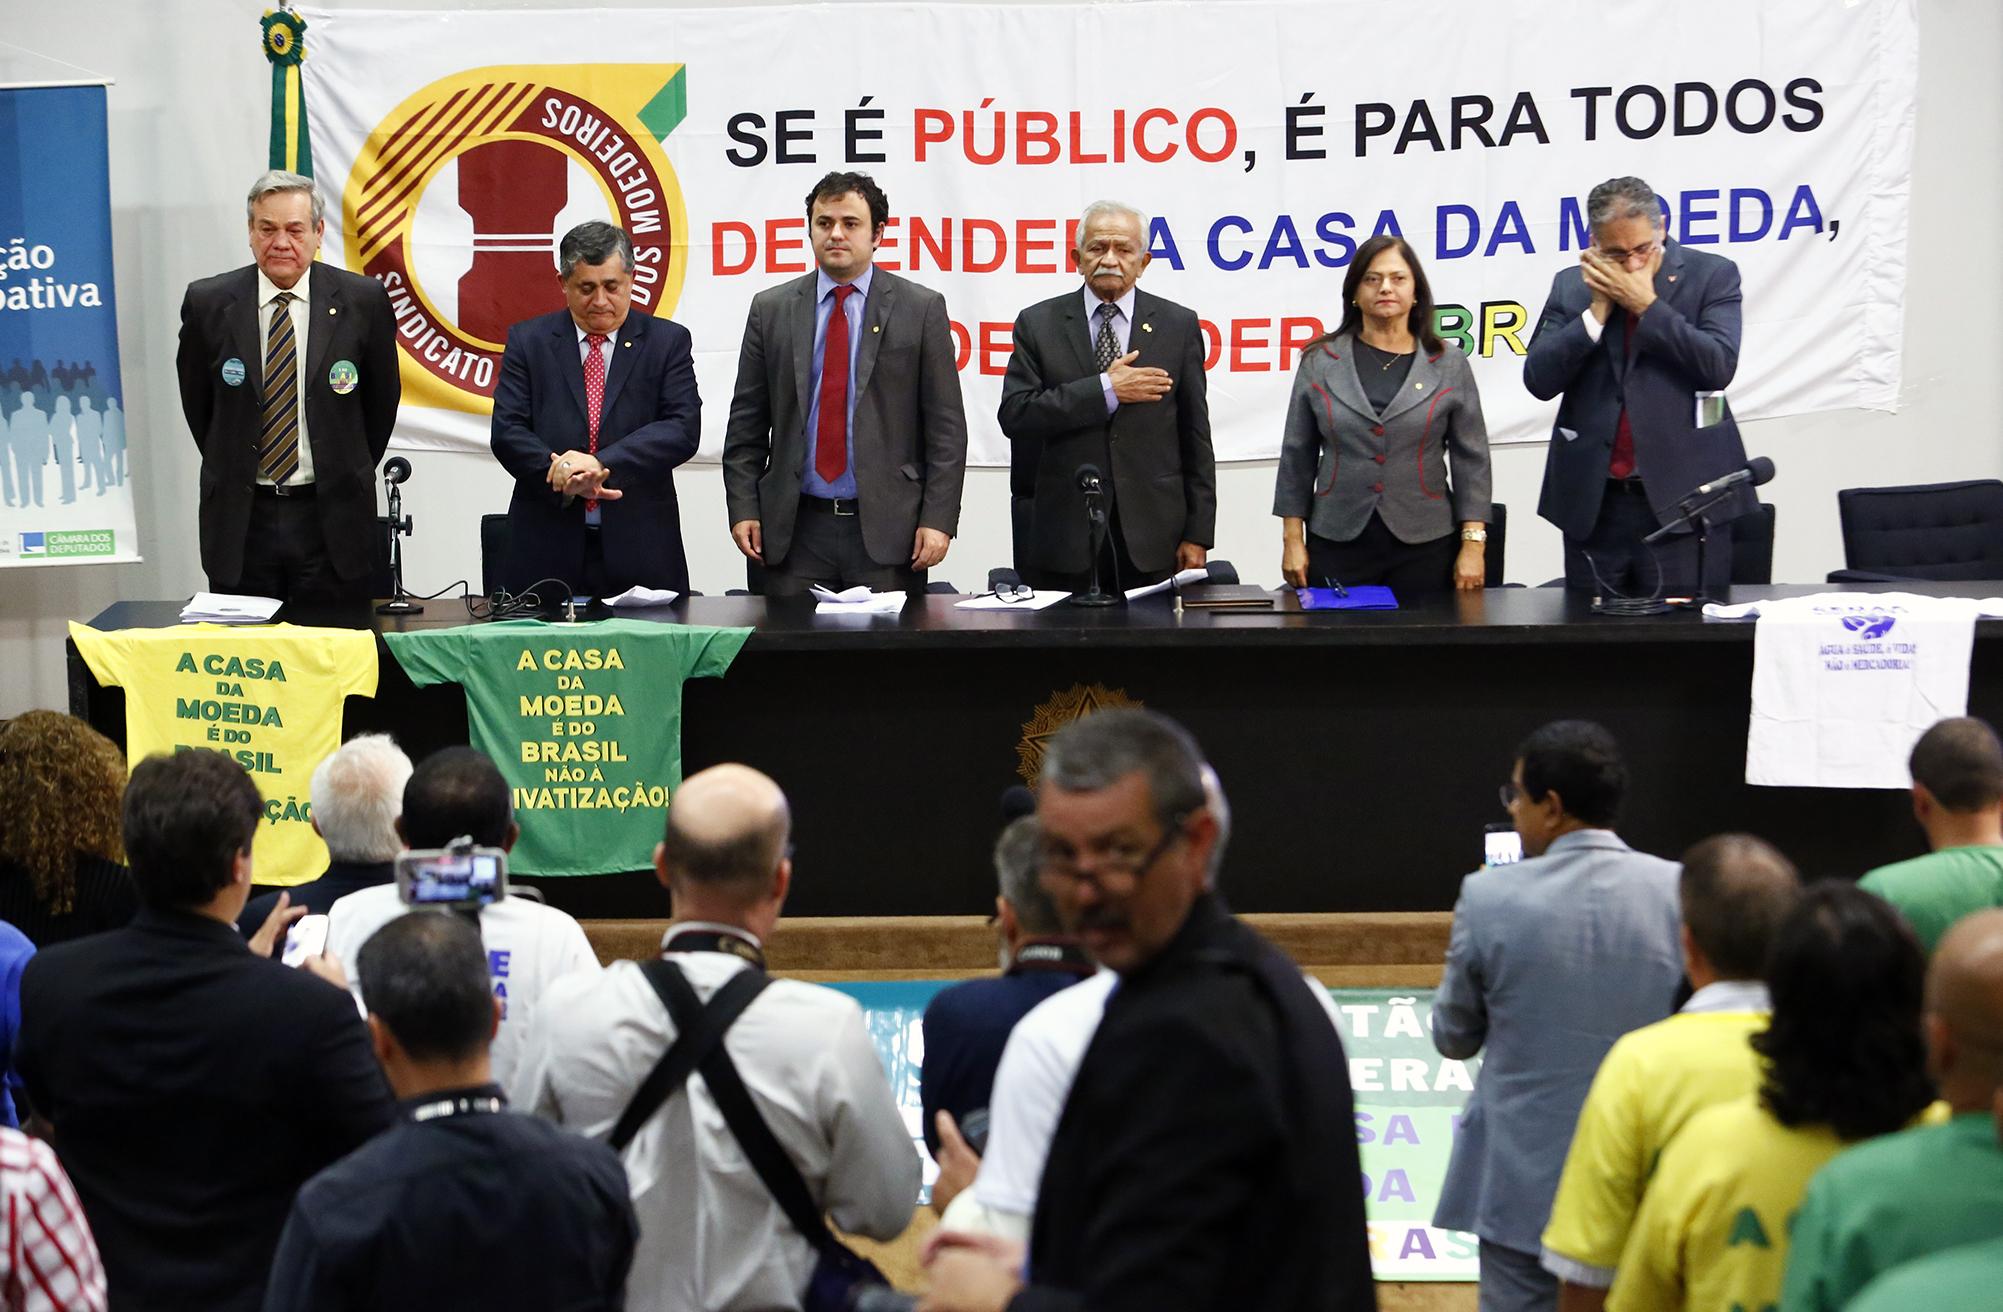 Audiência pública sobre as privatizações propostas pelo Governo Federal